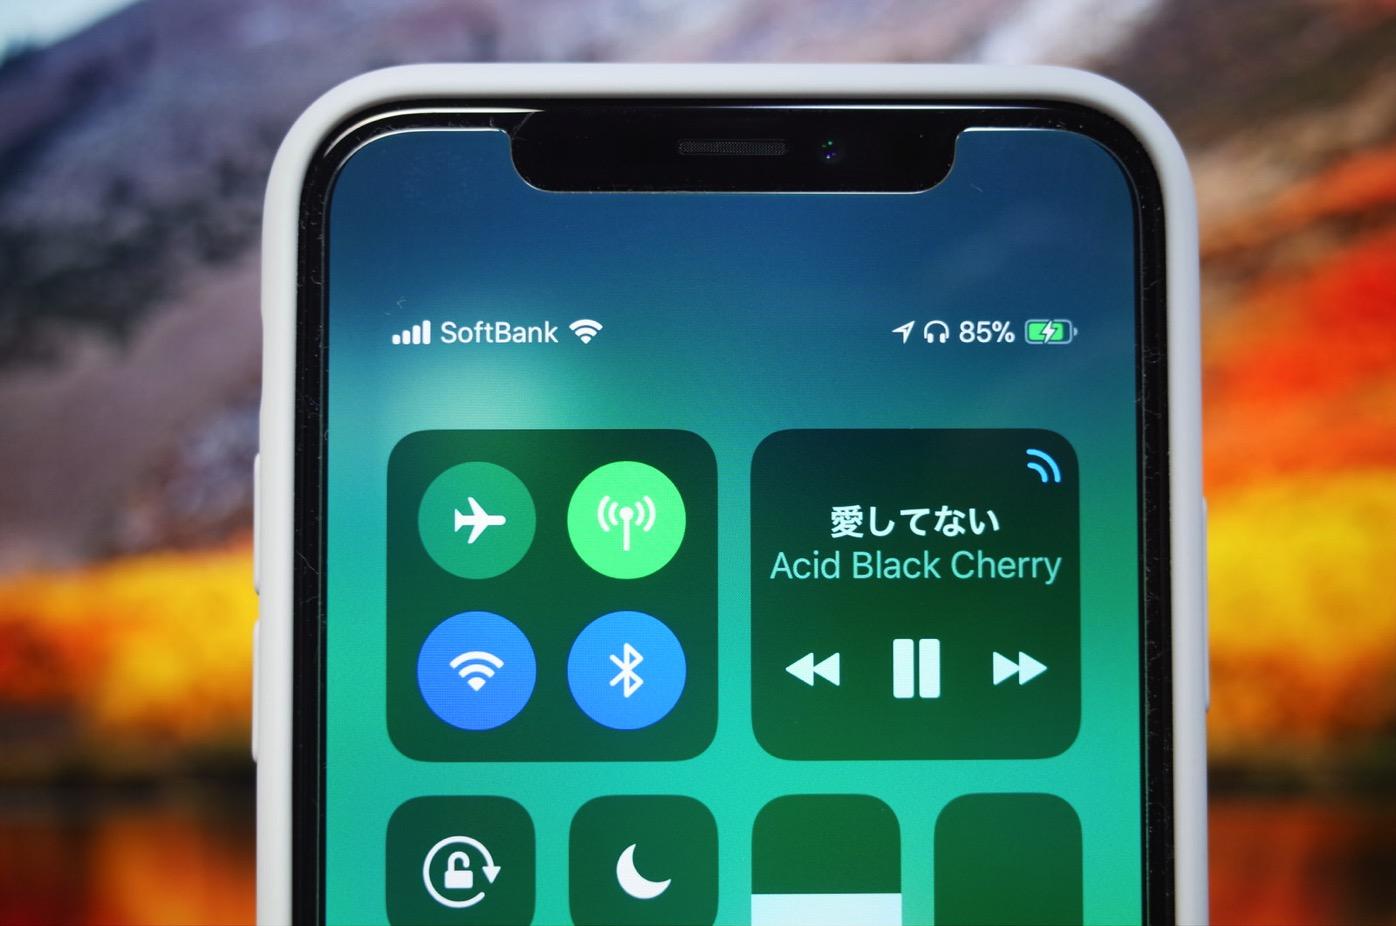 [iPhone]新型「iPhone X」を1日使ってみて私が感じたメリットとデメリットをご紹介するよ